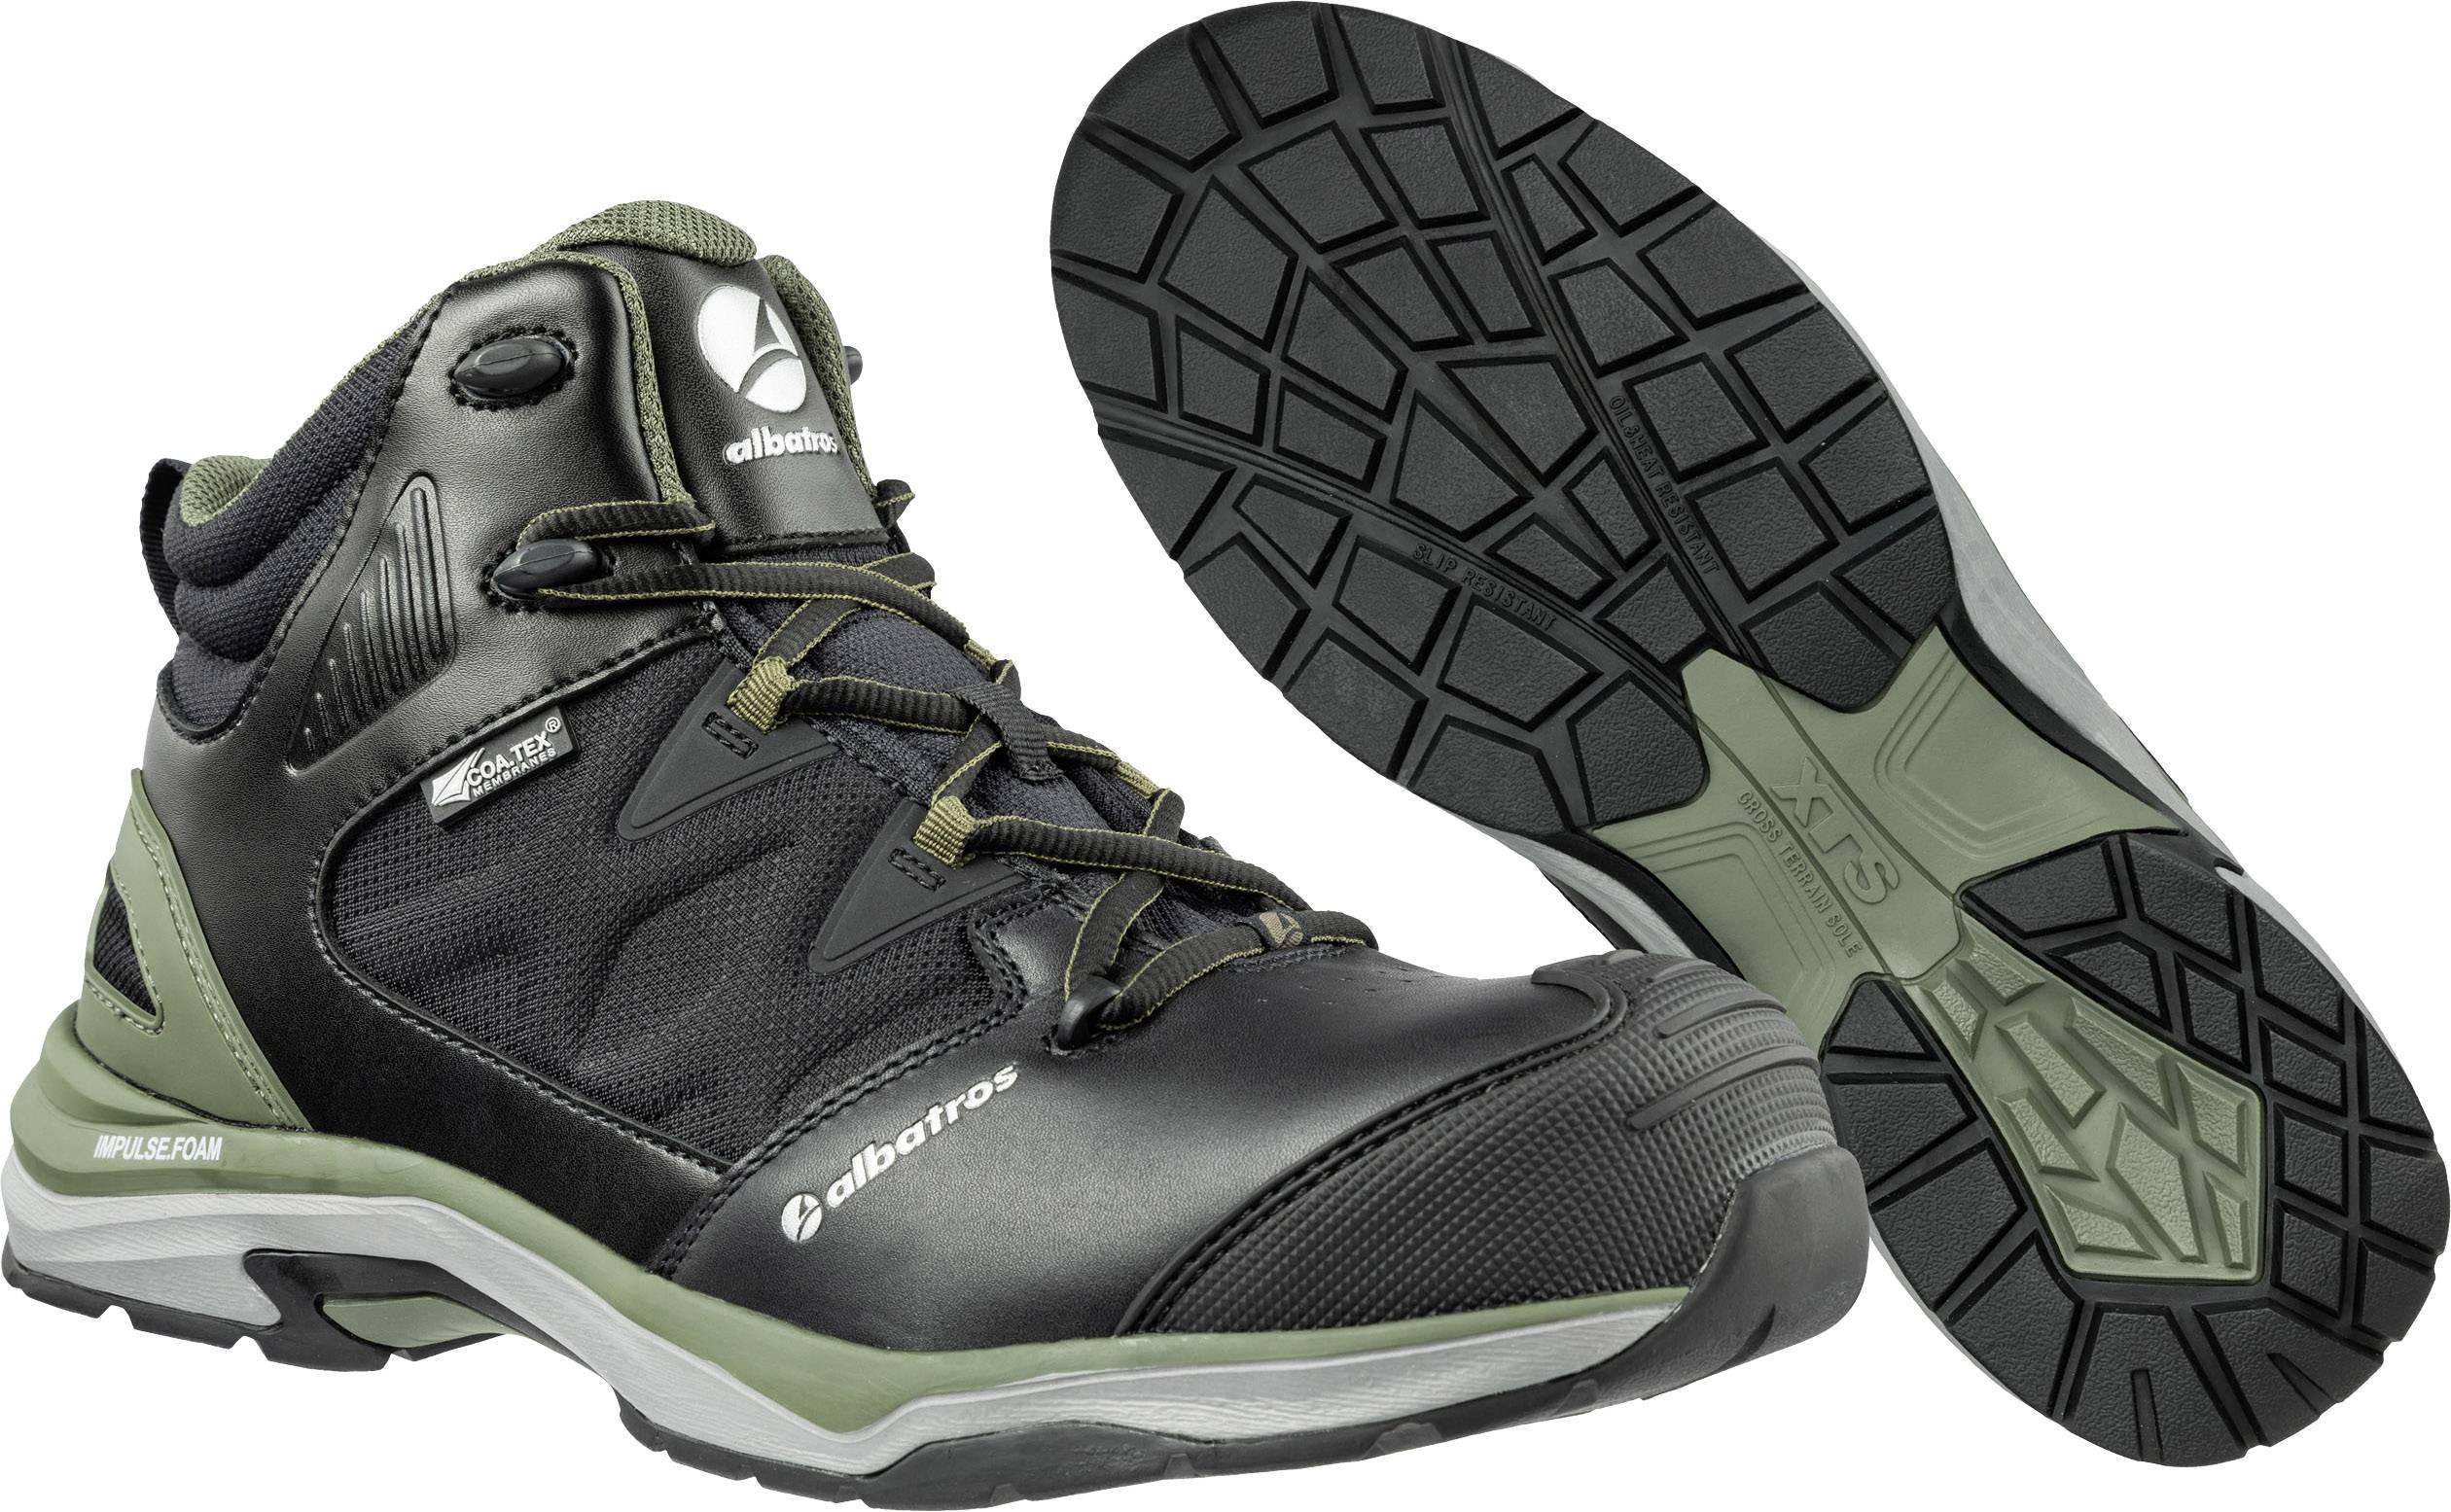 Chaussures montantes de sécurité ESD S3 Albatros ULTRATRAIL OLIVE CTX MID 636220 39 Taille: 39 noir, olive 1 paire(s)